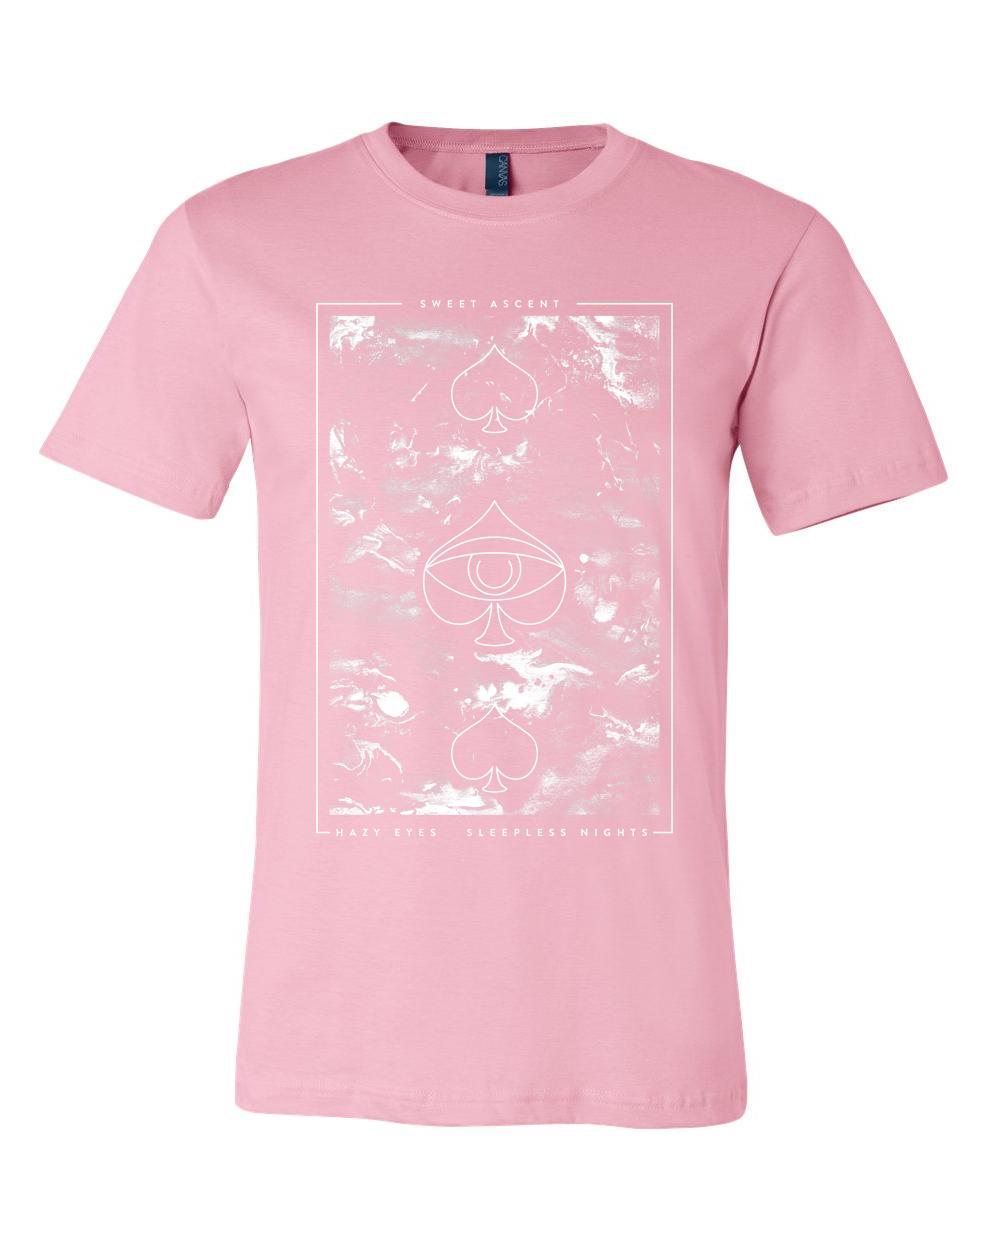 Pink Marble Spade Tee $20